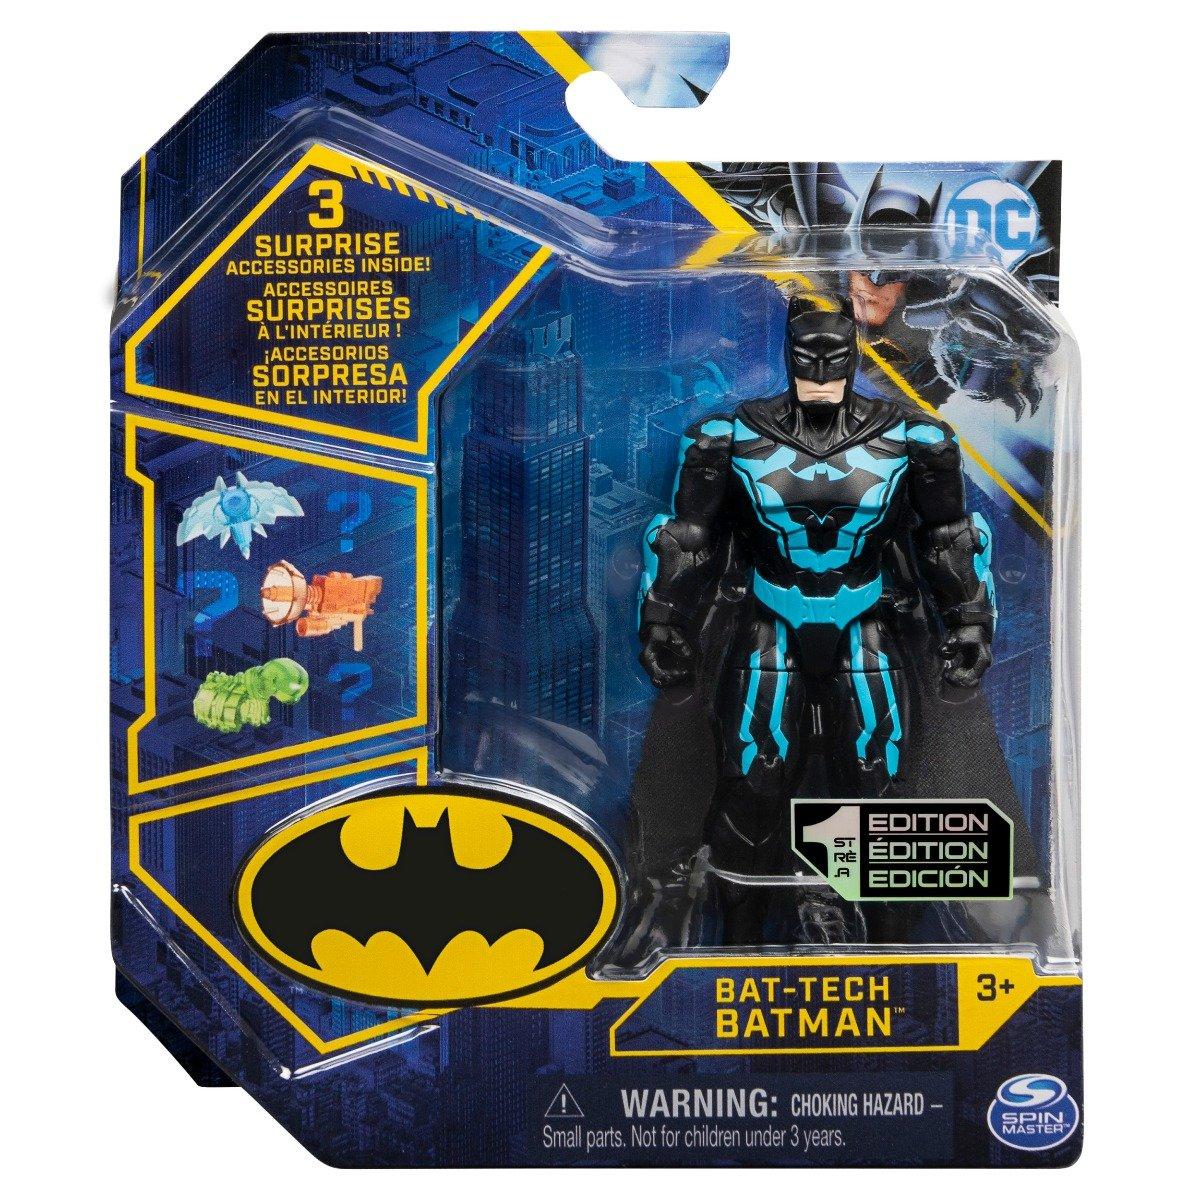 Set Figurina cu accesorii surpriza Batman 20129808